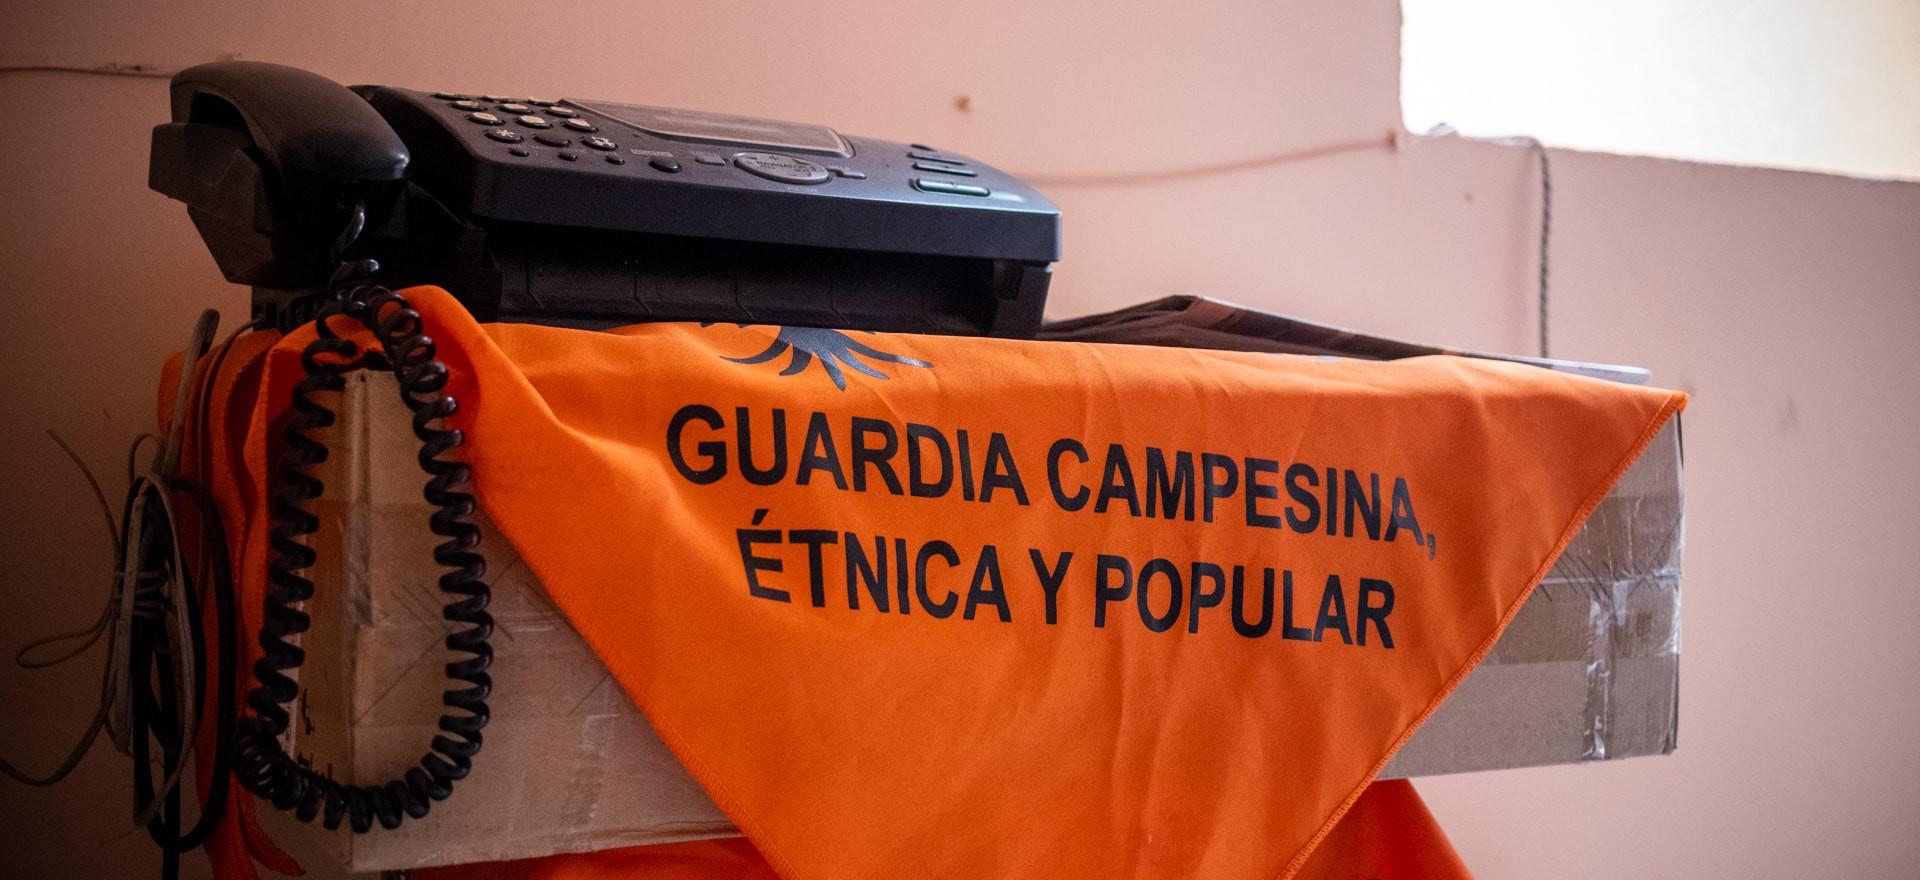 Lucha por los derechos territoriales y colectivos